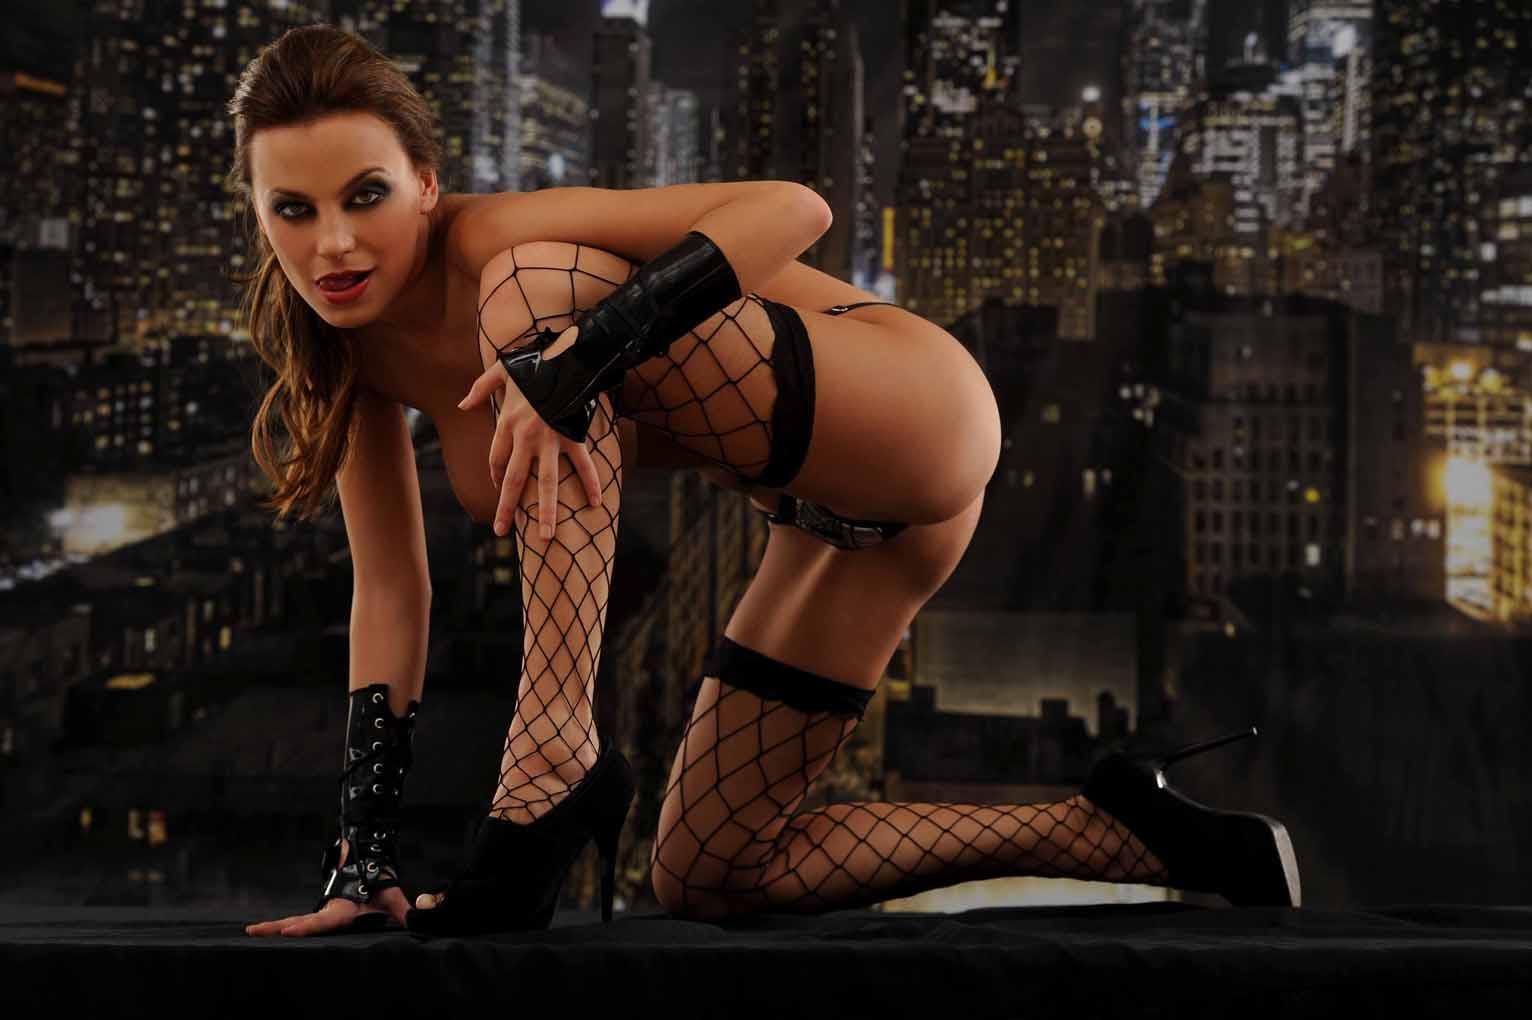 http://4.bp.blogspot.com/-lhWRKTMMqxQ/TecgXOHcrjI/AAAAAAAACCc/7o6RDSLa4ec/s1600/Erika+Mitdank+Naked+Hotness+For+Hombre+Argentina+www.GutterUncensoredPlus.com+006.jpg